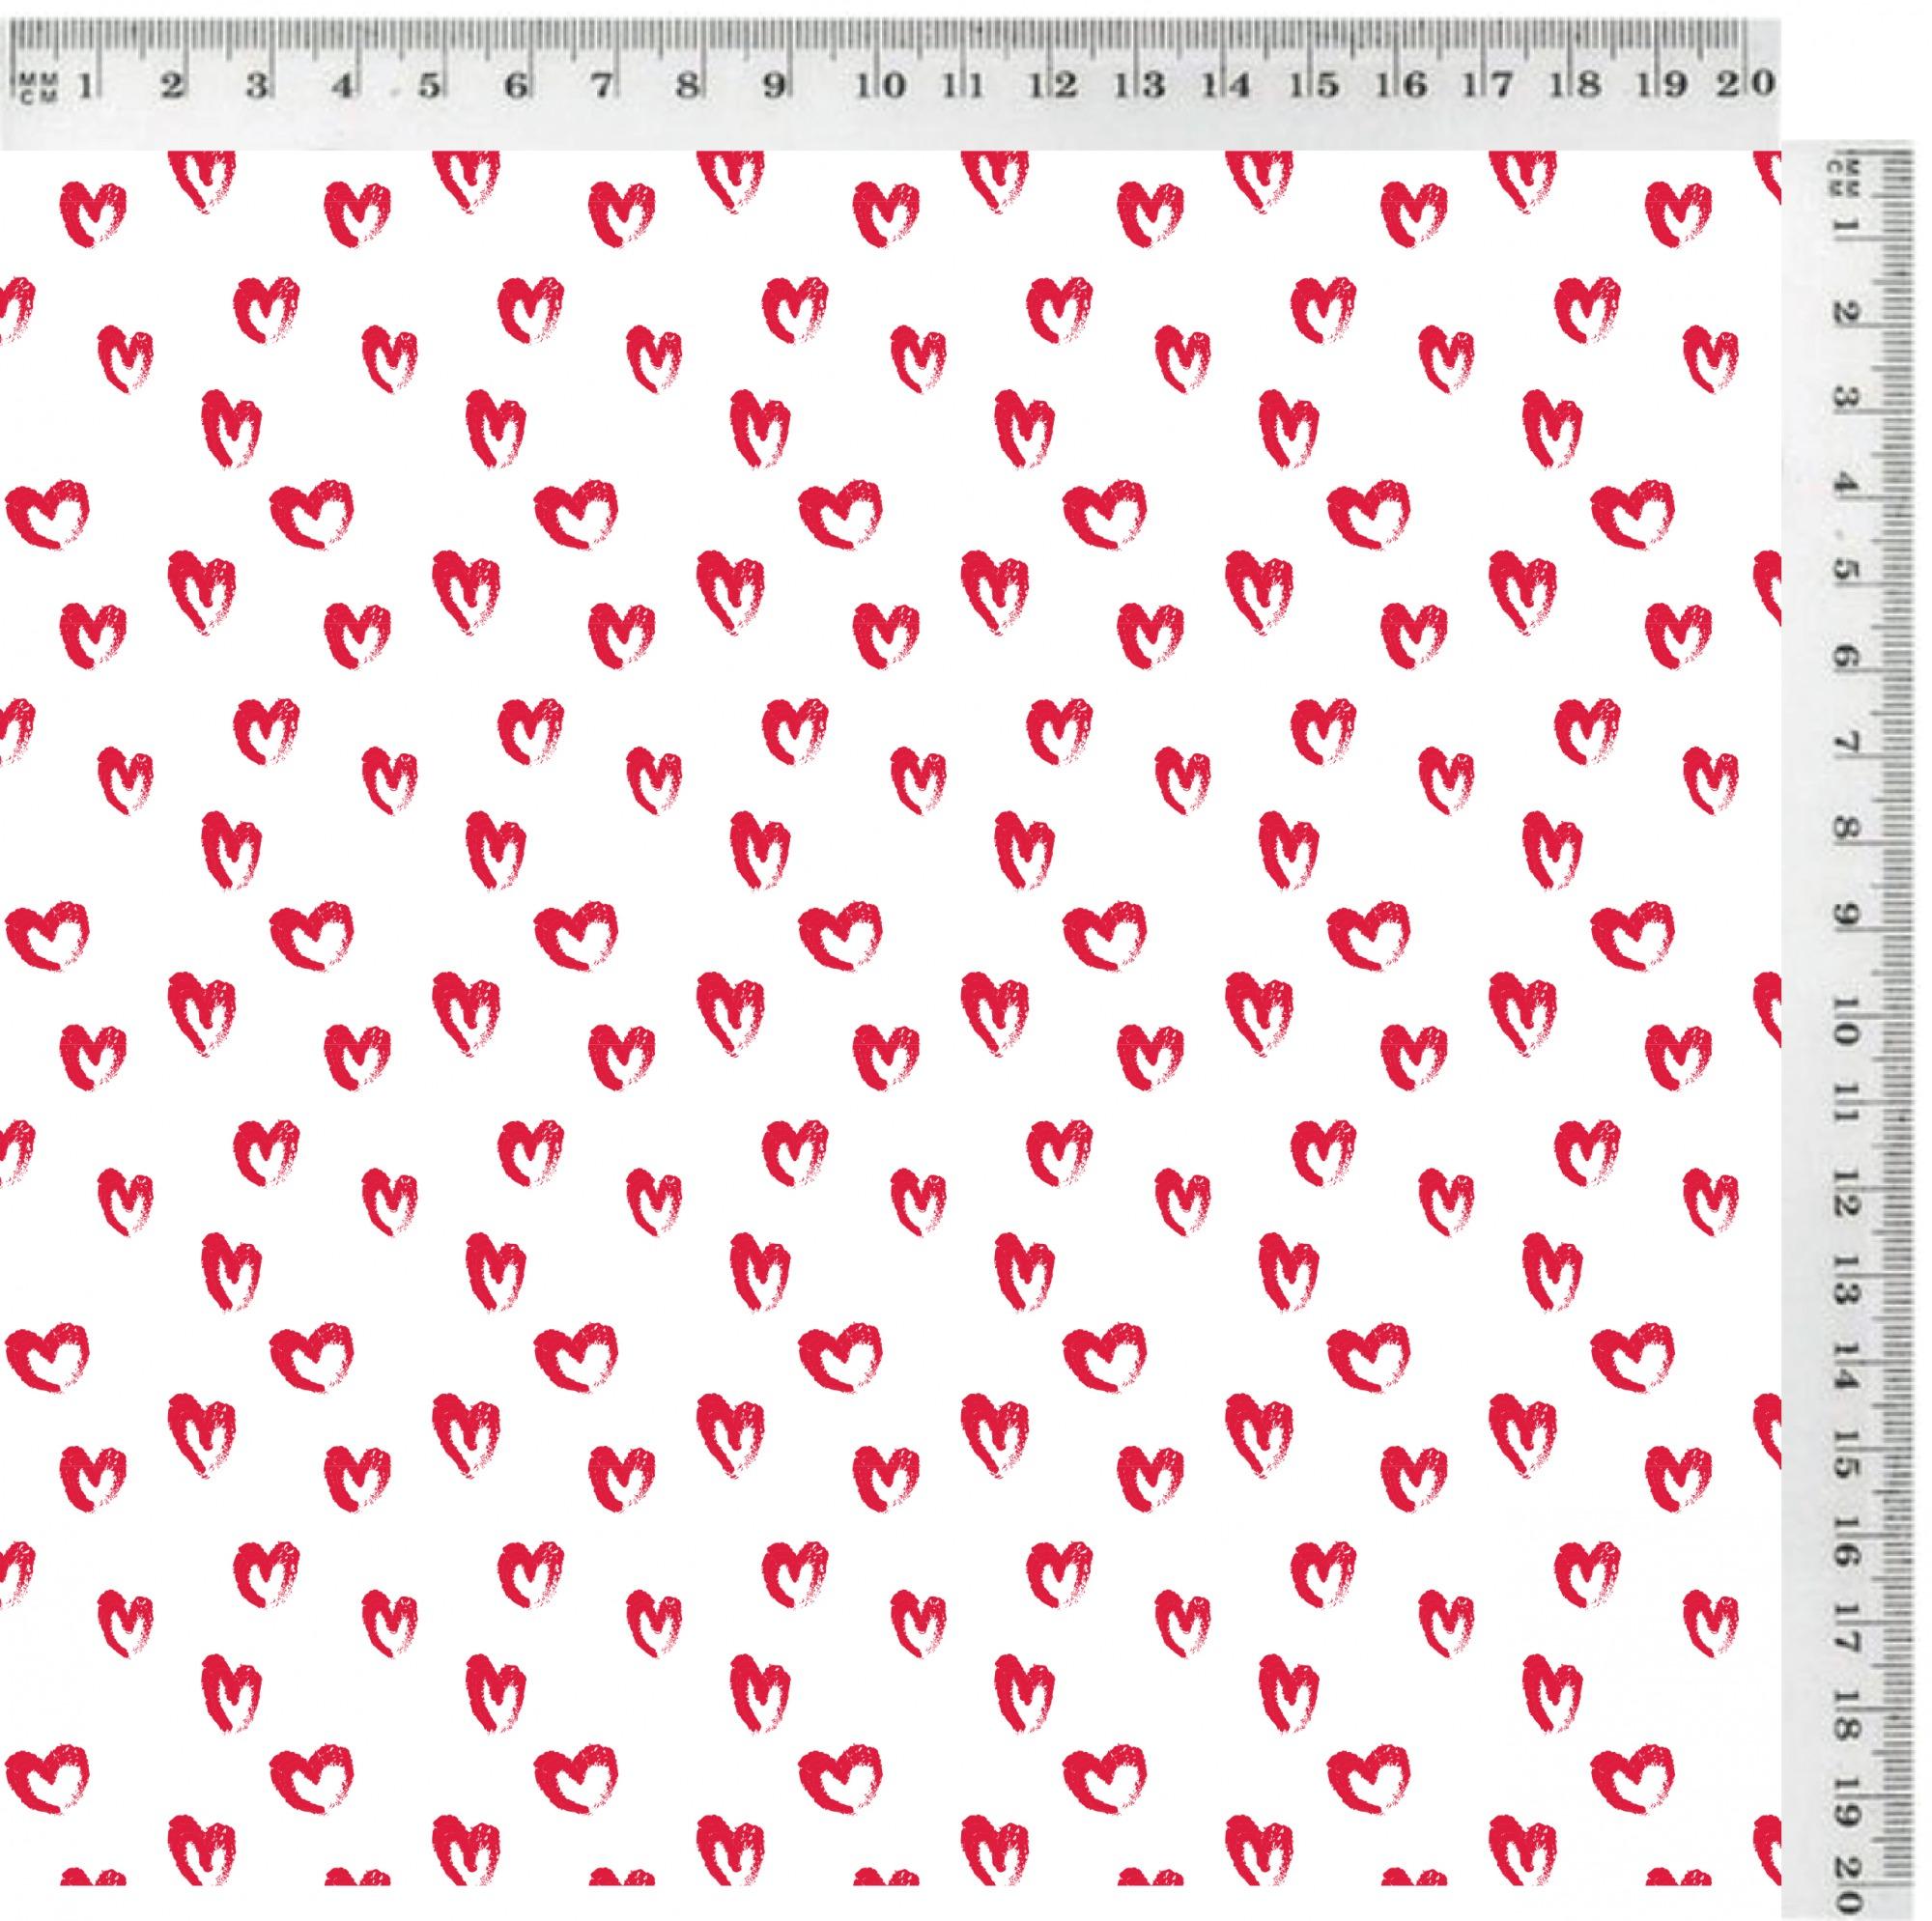 Motif enfantin, E6, Votre échelle - POP'Home, Pop Home, produits éco-responsables, produits éco-responsables français, produits éco-responsables made in France, produits personnalisés, produits personnalisés français, produits personnalisés made in France, produits personnalisables, produits personnalisables français, produits personnalisables made in France, produits made in France, produits français, textiles éco-responsables, textiles éco-responsables français, textiles éco-responsables made in France, textiles français, textiles made in France, textiles personnalisés, textiles personnalisés français, textiles personnalisés made in France, textiles personnalisables, textiles personnalisables français, textiles personnalisables made in France, motif enfantin, motif géométrique, motif abstrait, motif fleuri, motif figuratif, textiles à motifs, textile à motifs, produits à motifs, produit à motifs, produits à personnaliser, produits salle de bain, produits maison, produits salle de bain personnalisables, produits maison personnalisables, papeterie, papeterie personnalisable, papeterie personnalisé, cadeau personnalisé, idée cadeau, idée cadeau personnalisé, cadeau made in France, made in France, produit unique, produit écologique, décoration d'intérieur, motifs, objet unique, objet personnalisé, objet personnalisable, objet made in France, produit made in France, produits écologiques, objets écologiques, créatrice française, designer, Eloïse Abadia-Pacitti